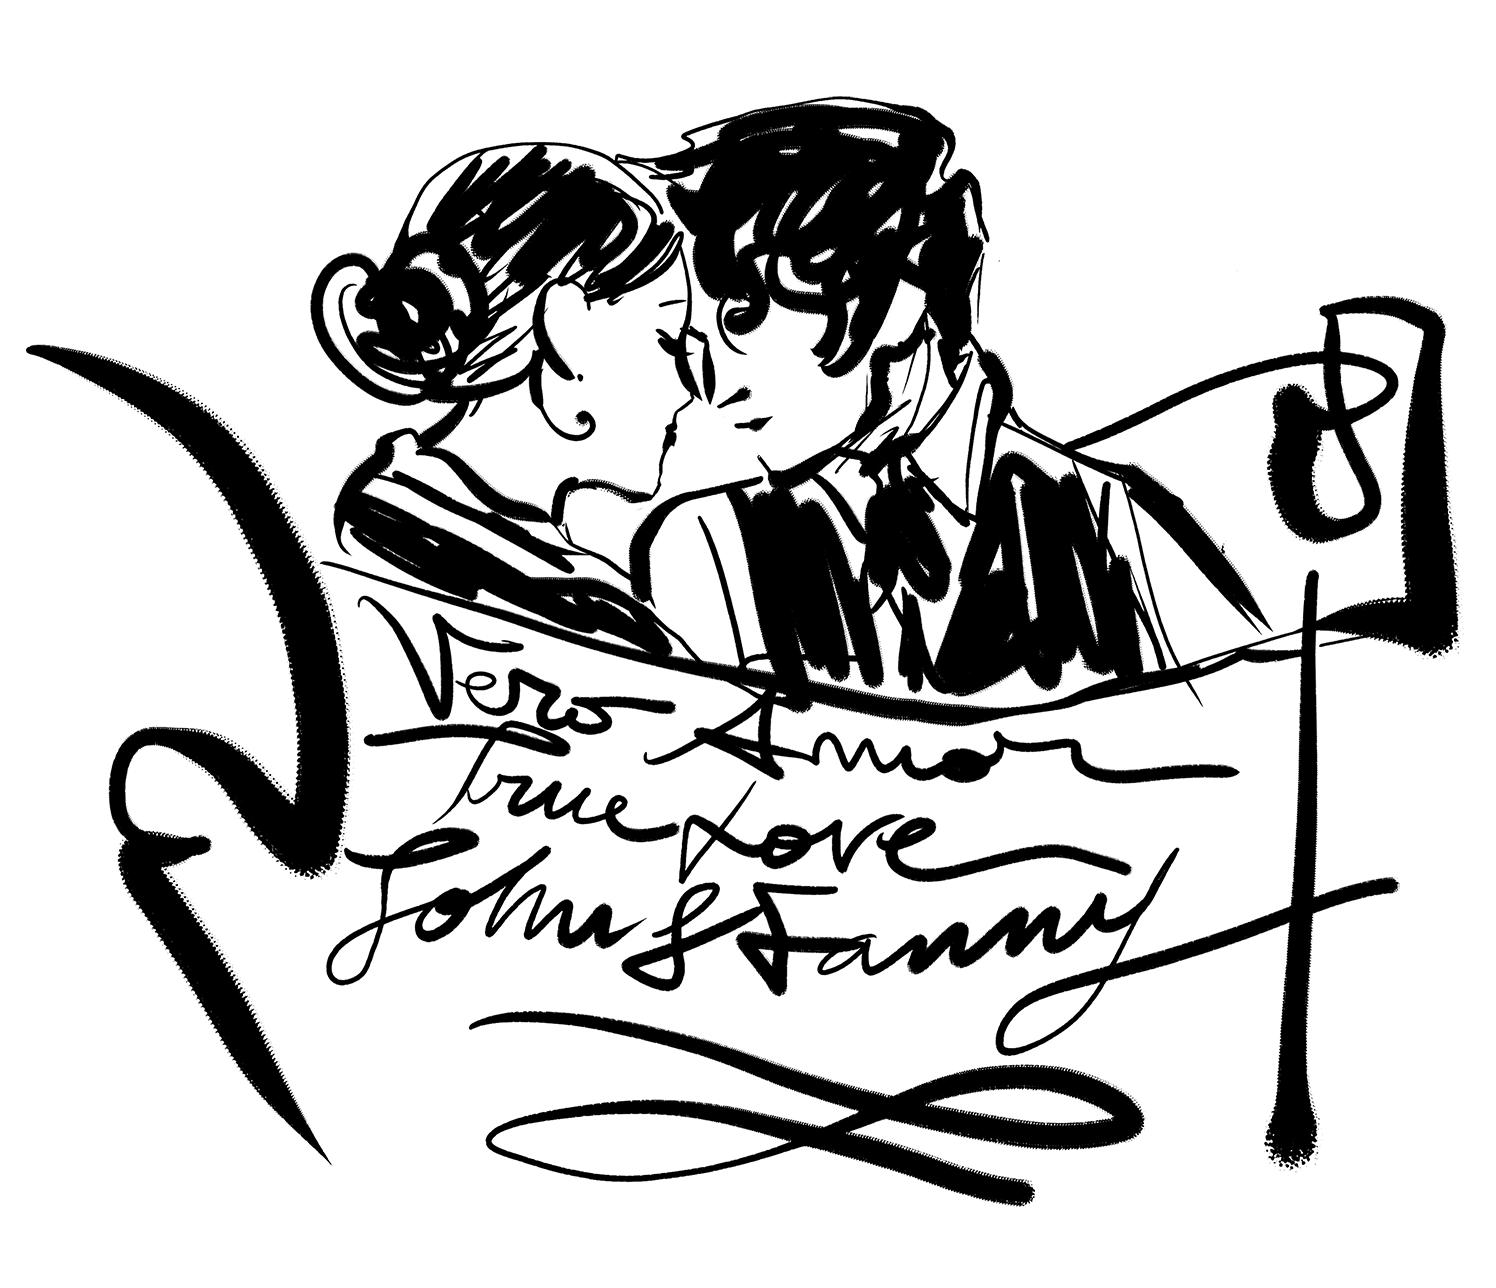 keats amore